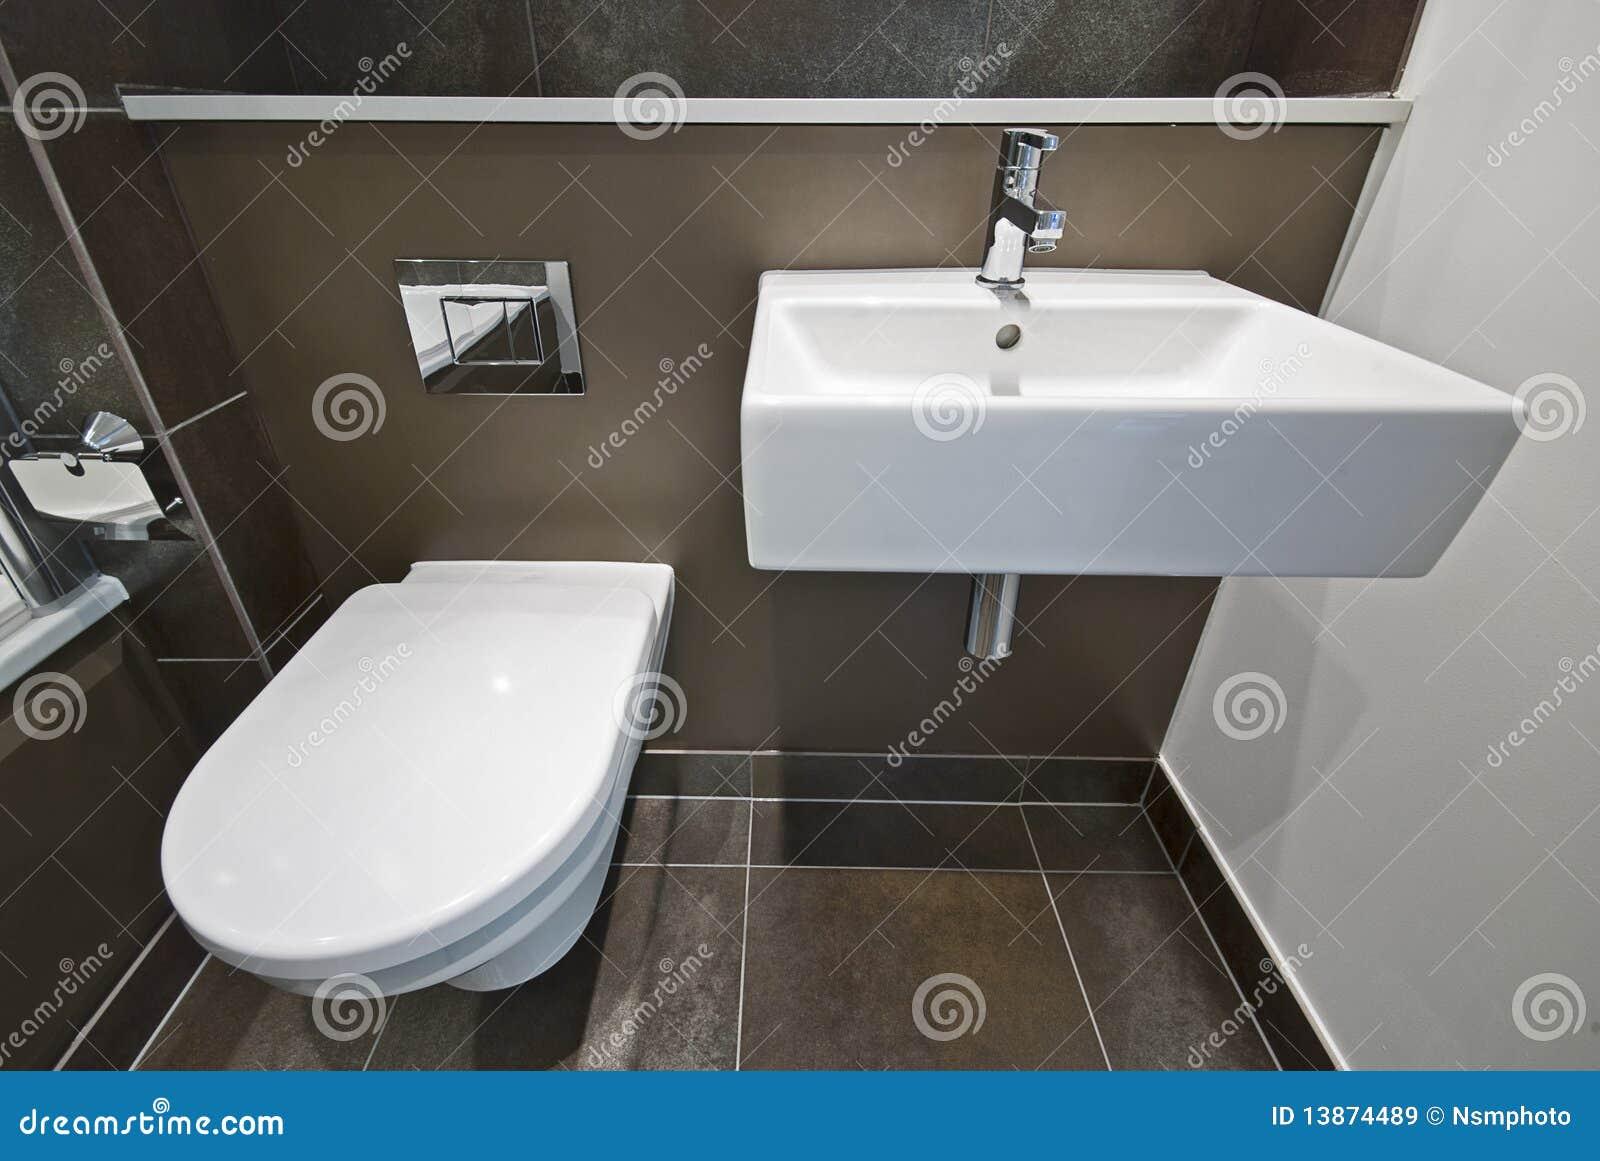 Détail De Salle De Bains Avec La Toilette Et Le Lavabo Image Stock